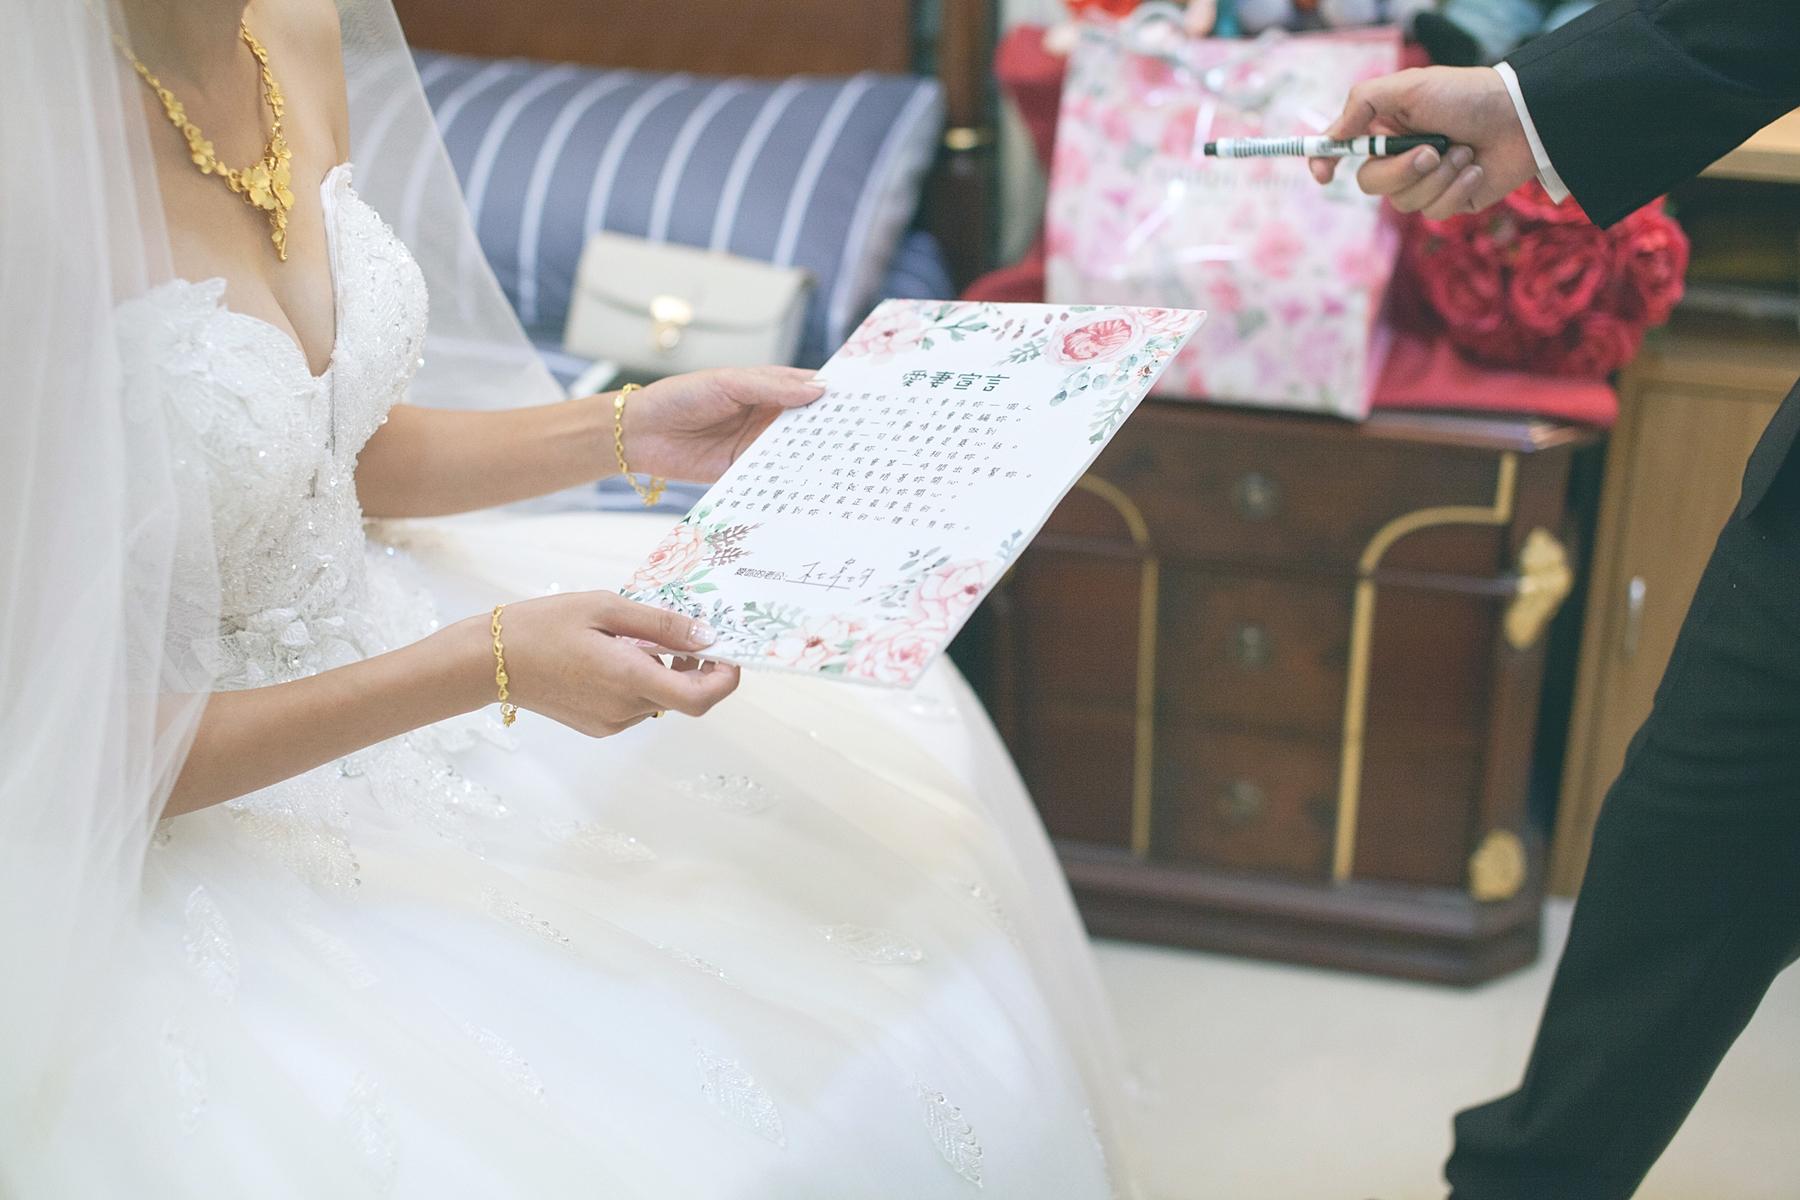 婚禮攝影,婚攝,婚禮記錄,新北,新莊典華,底片風格,自然